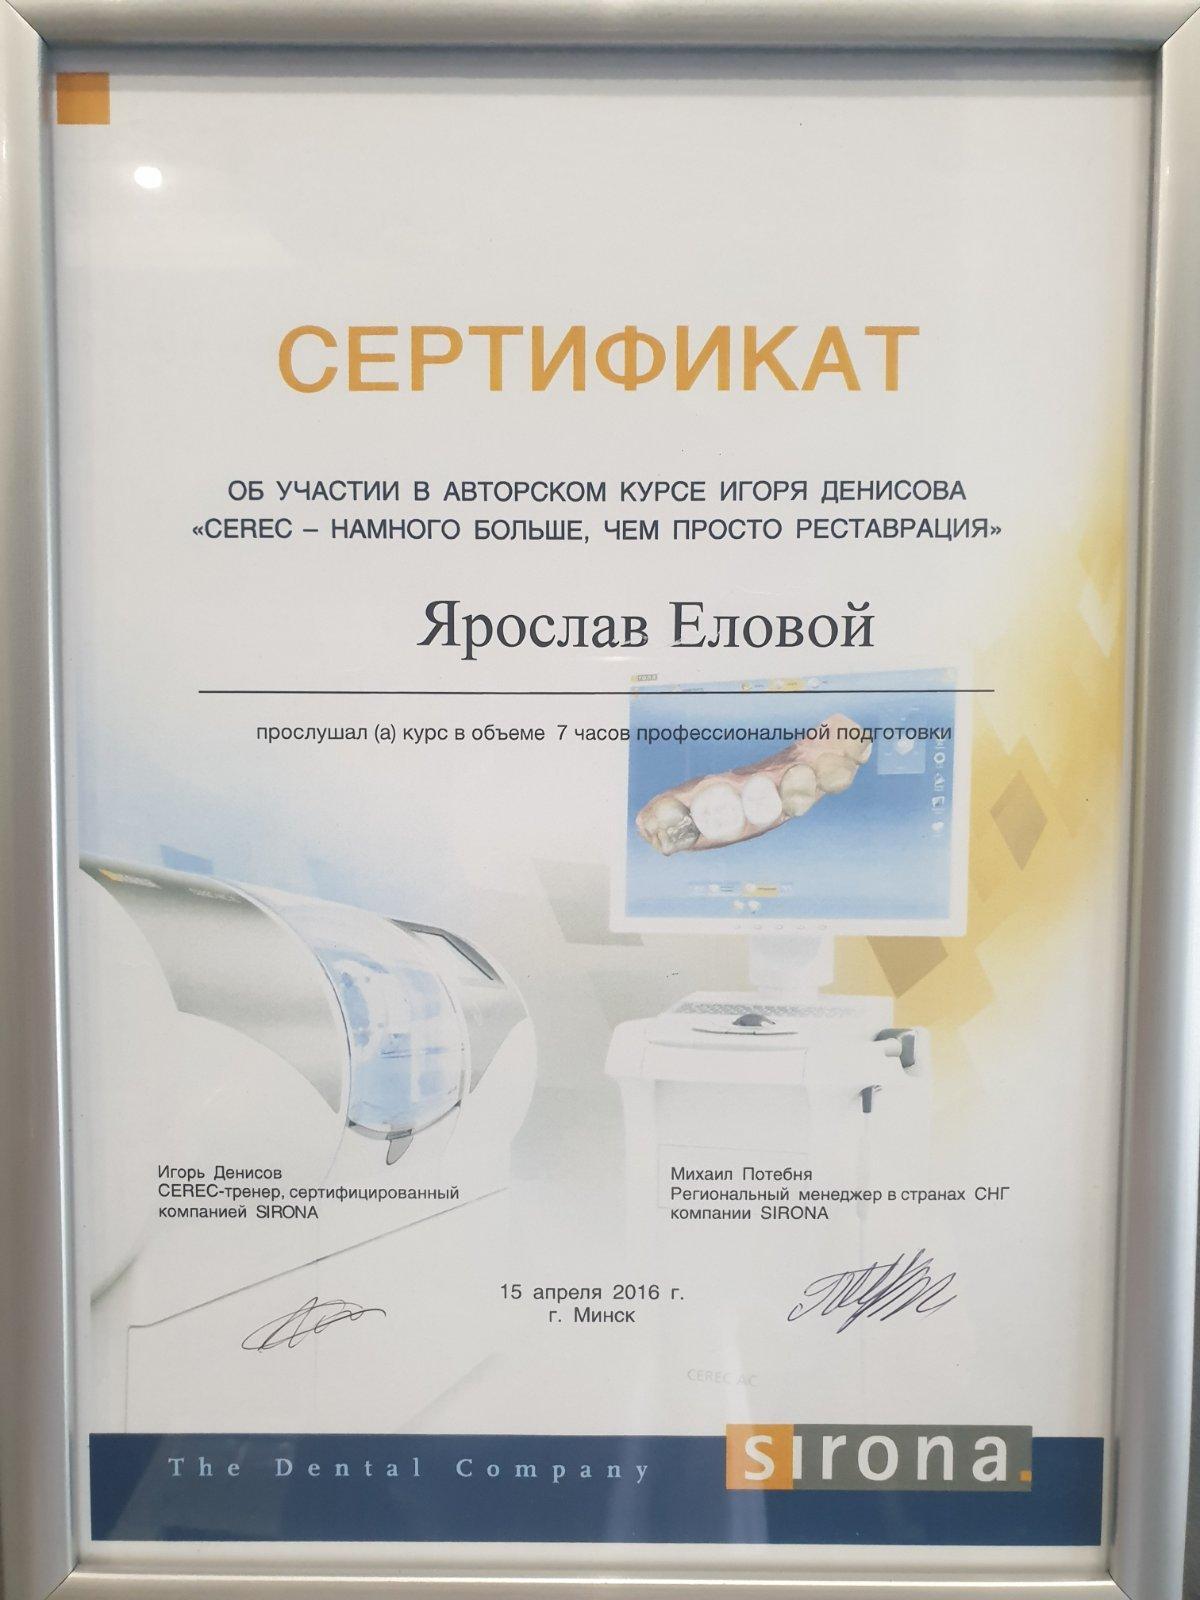 Сертификат выданный Еловому Ярославу о принятии участника в авторском курсе Игоря Денисова - Cerec - намного больше чем просто реставрация -- Dentsply Sirona